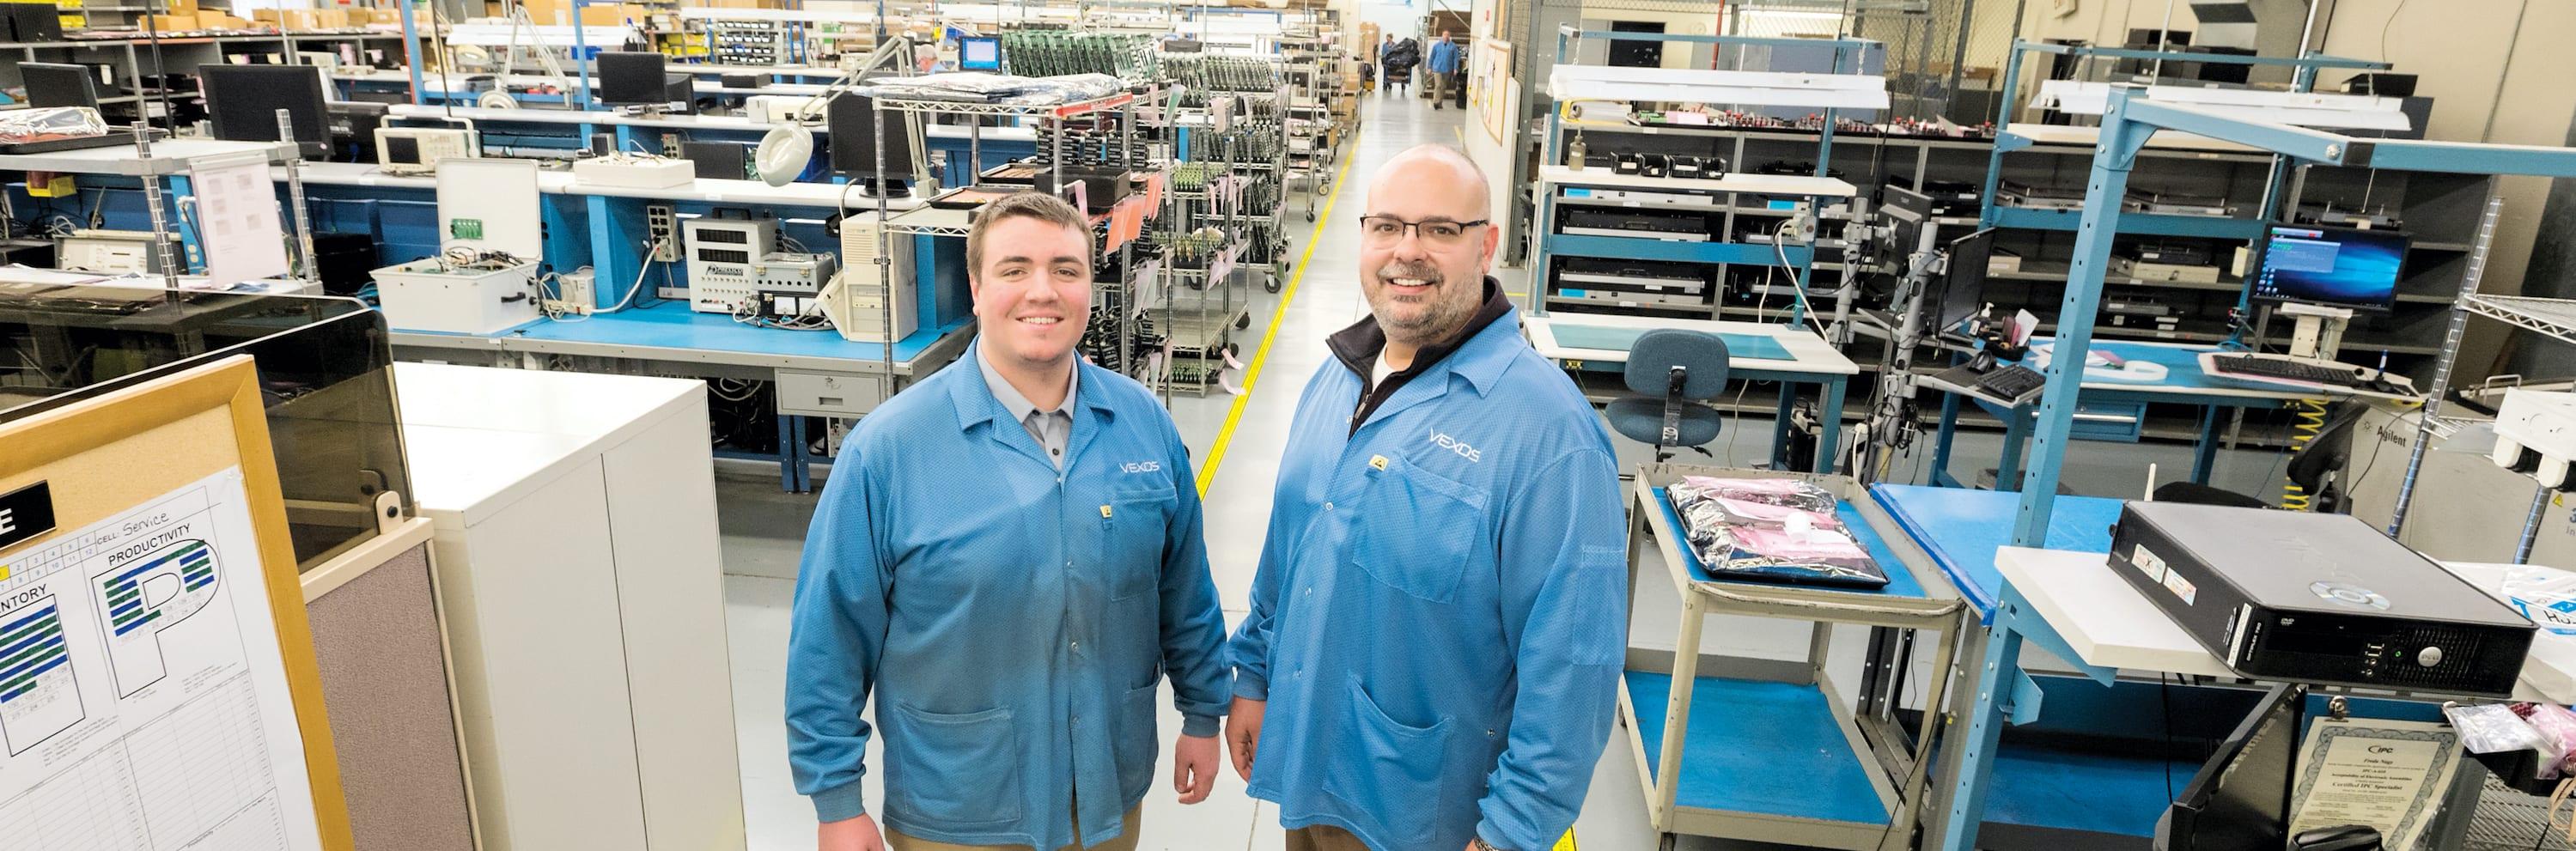 Trevor Zitek Manufacturing